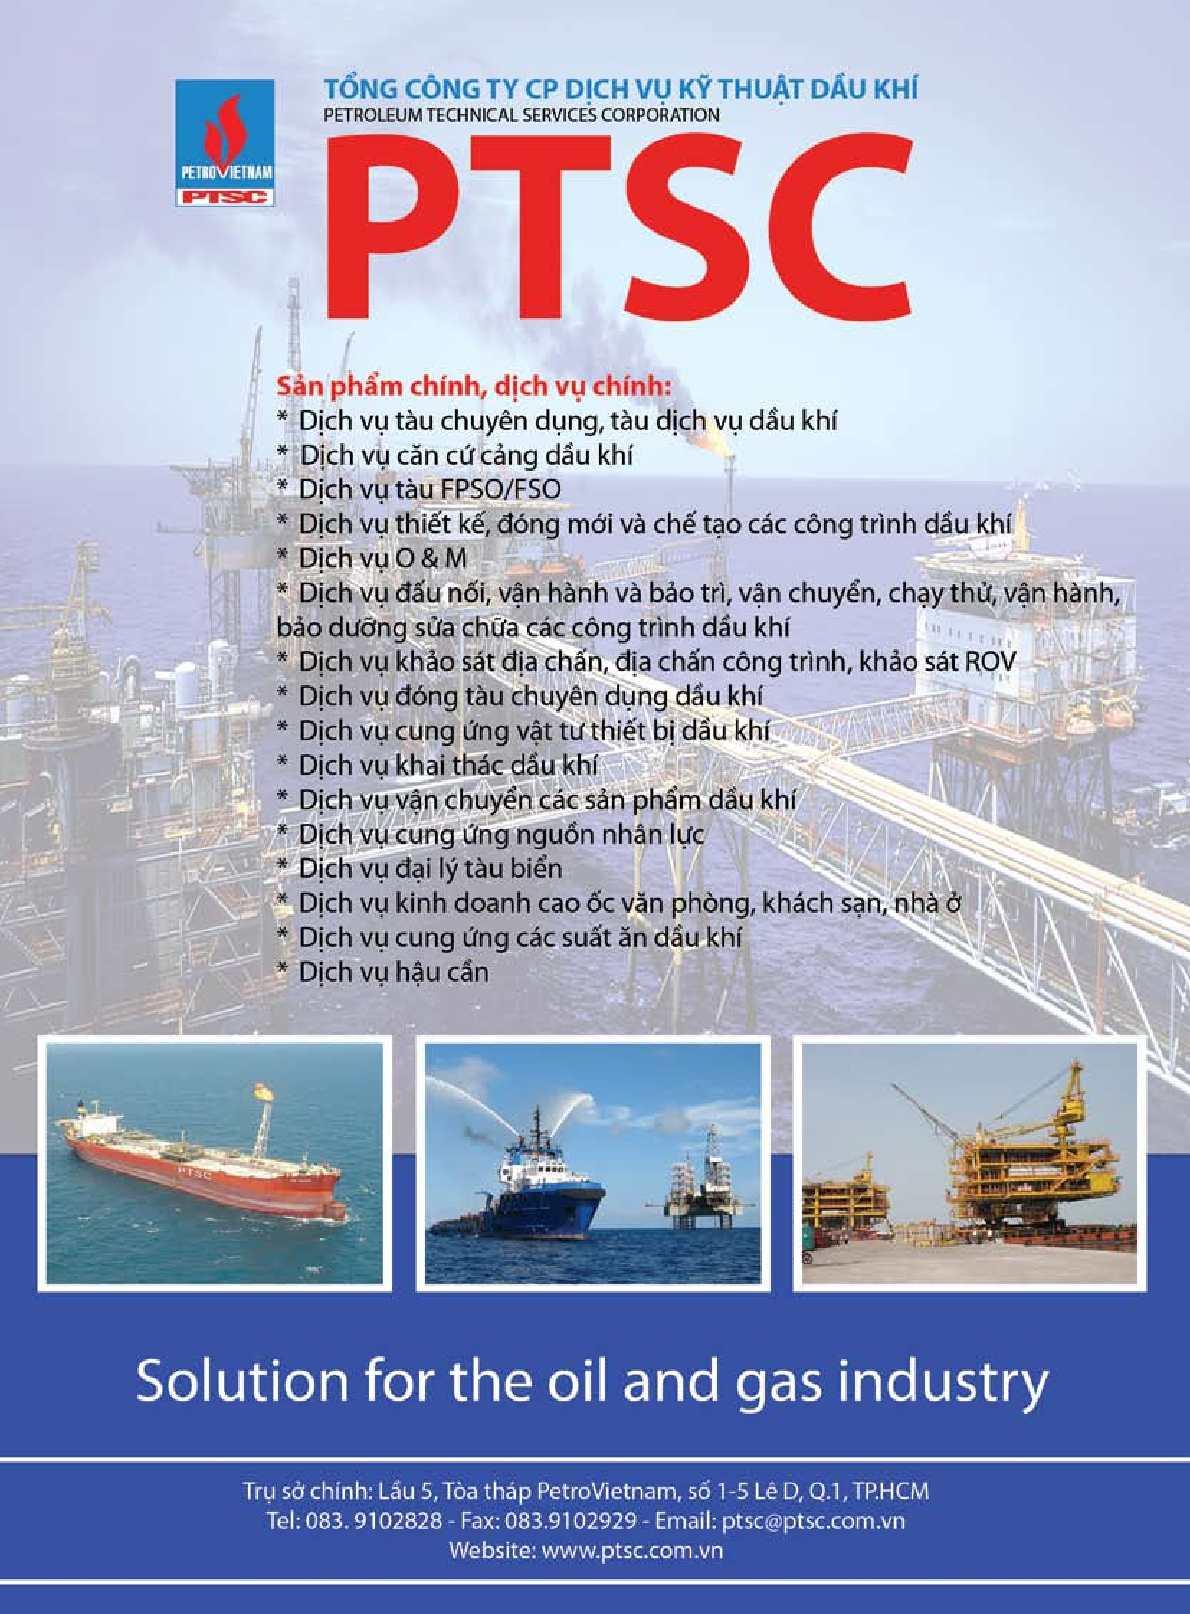 Vietnam Supply Chain Insight (Quản trị chuỗi cung ứng Việt Nam)